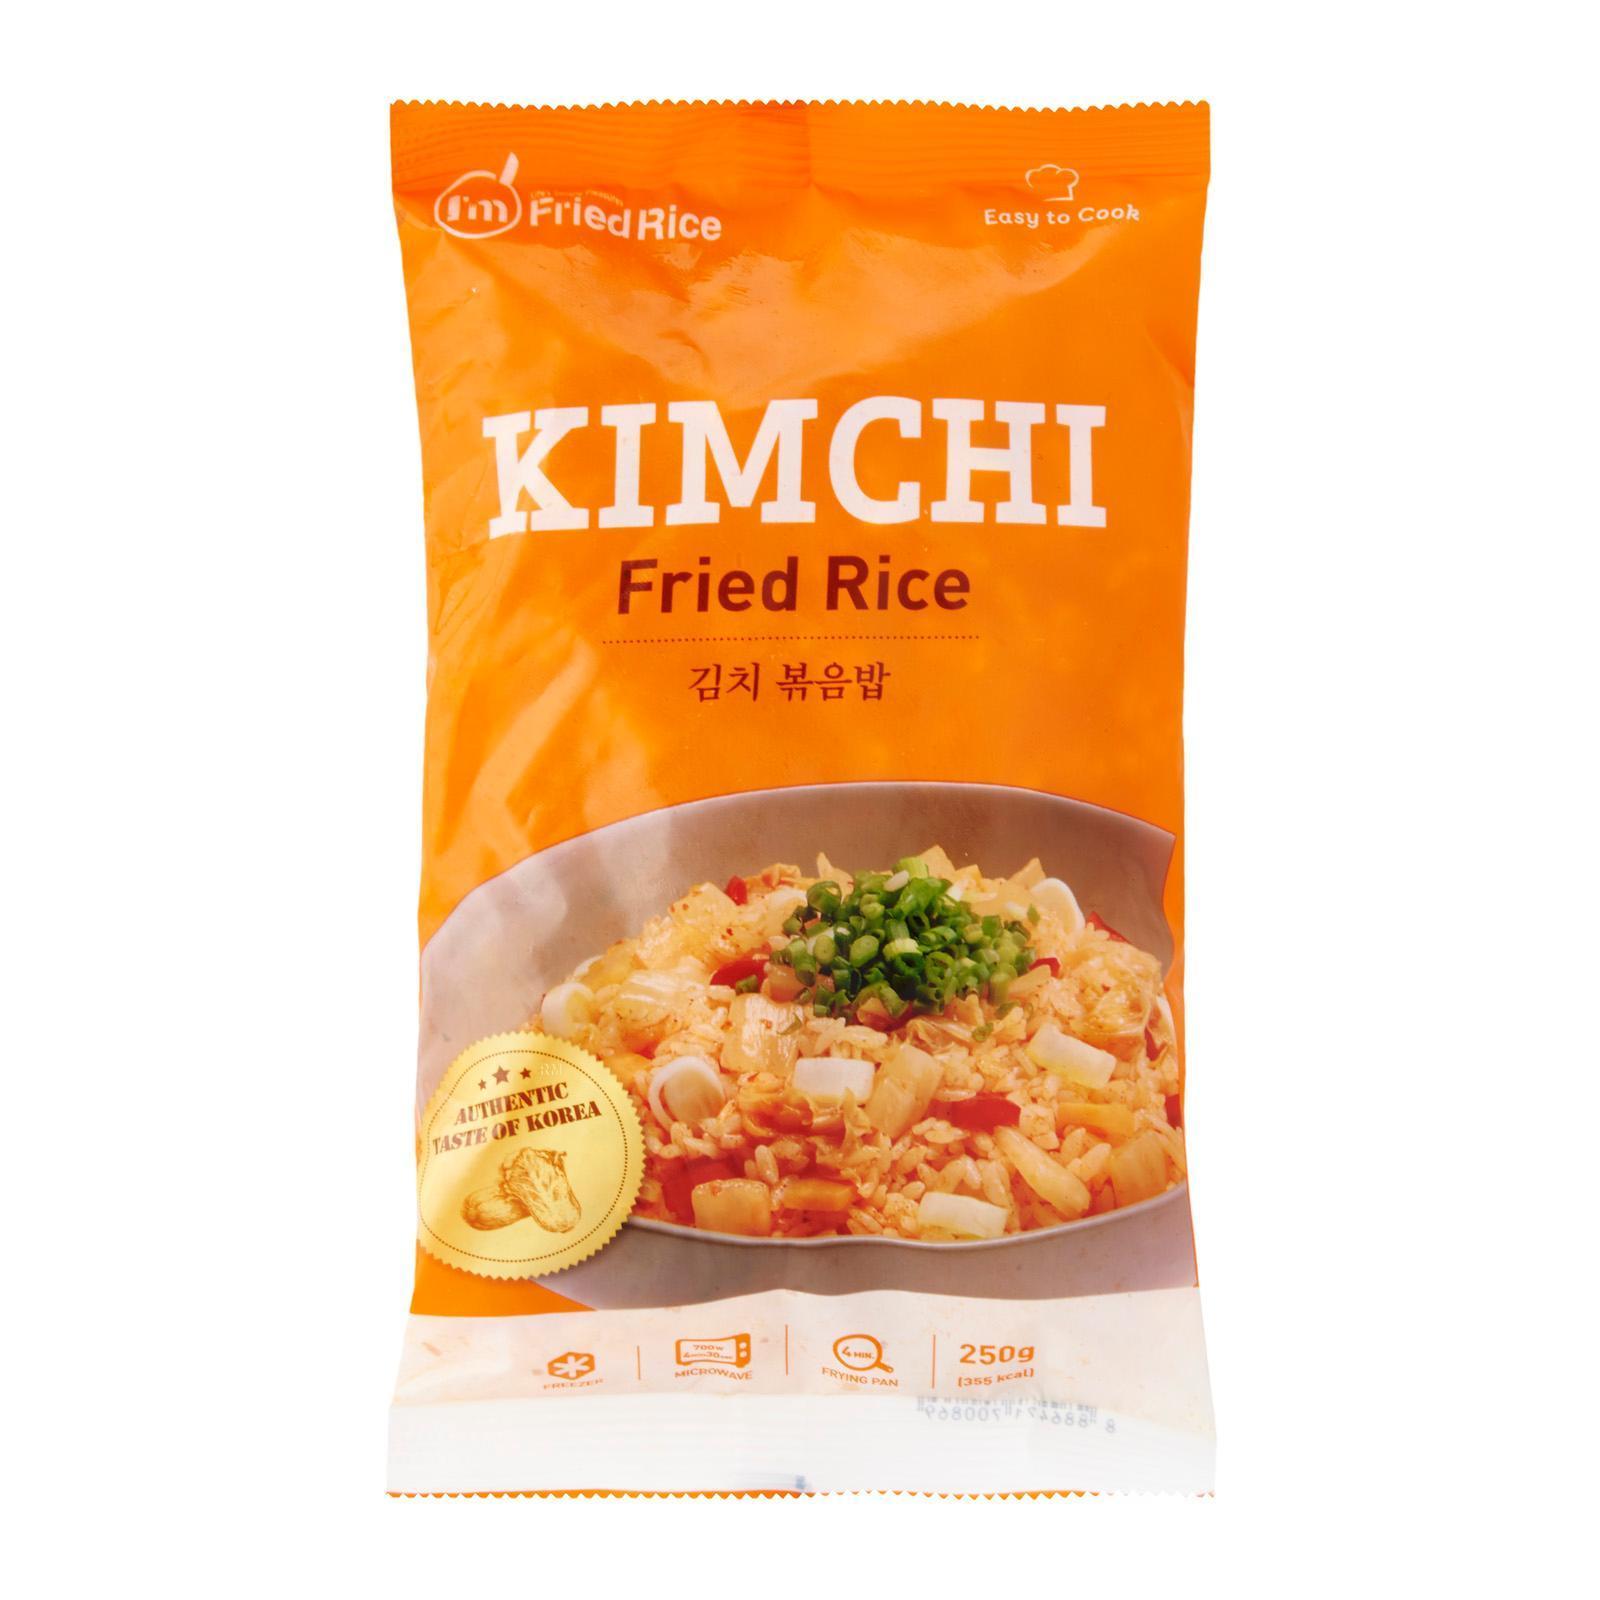 I'm Fried Rice Kimchi Fried Rice - Frozen